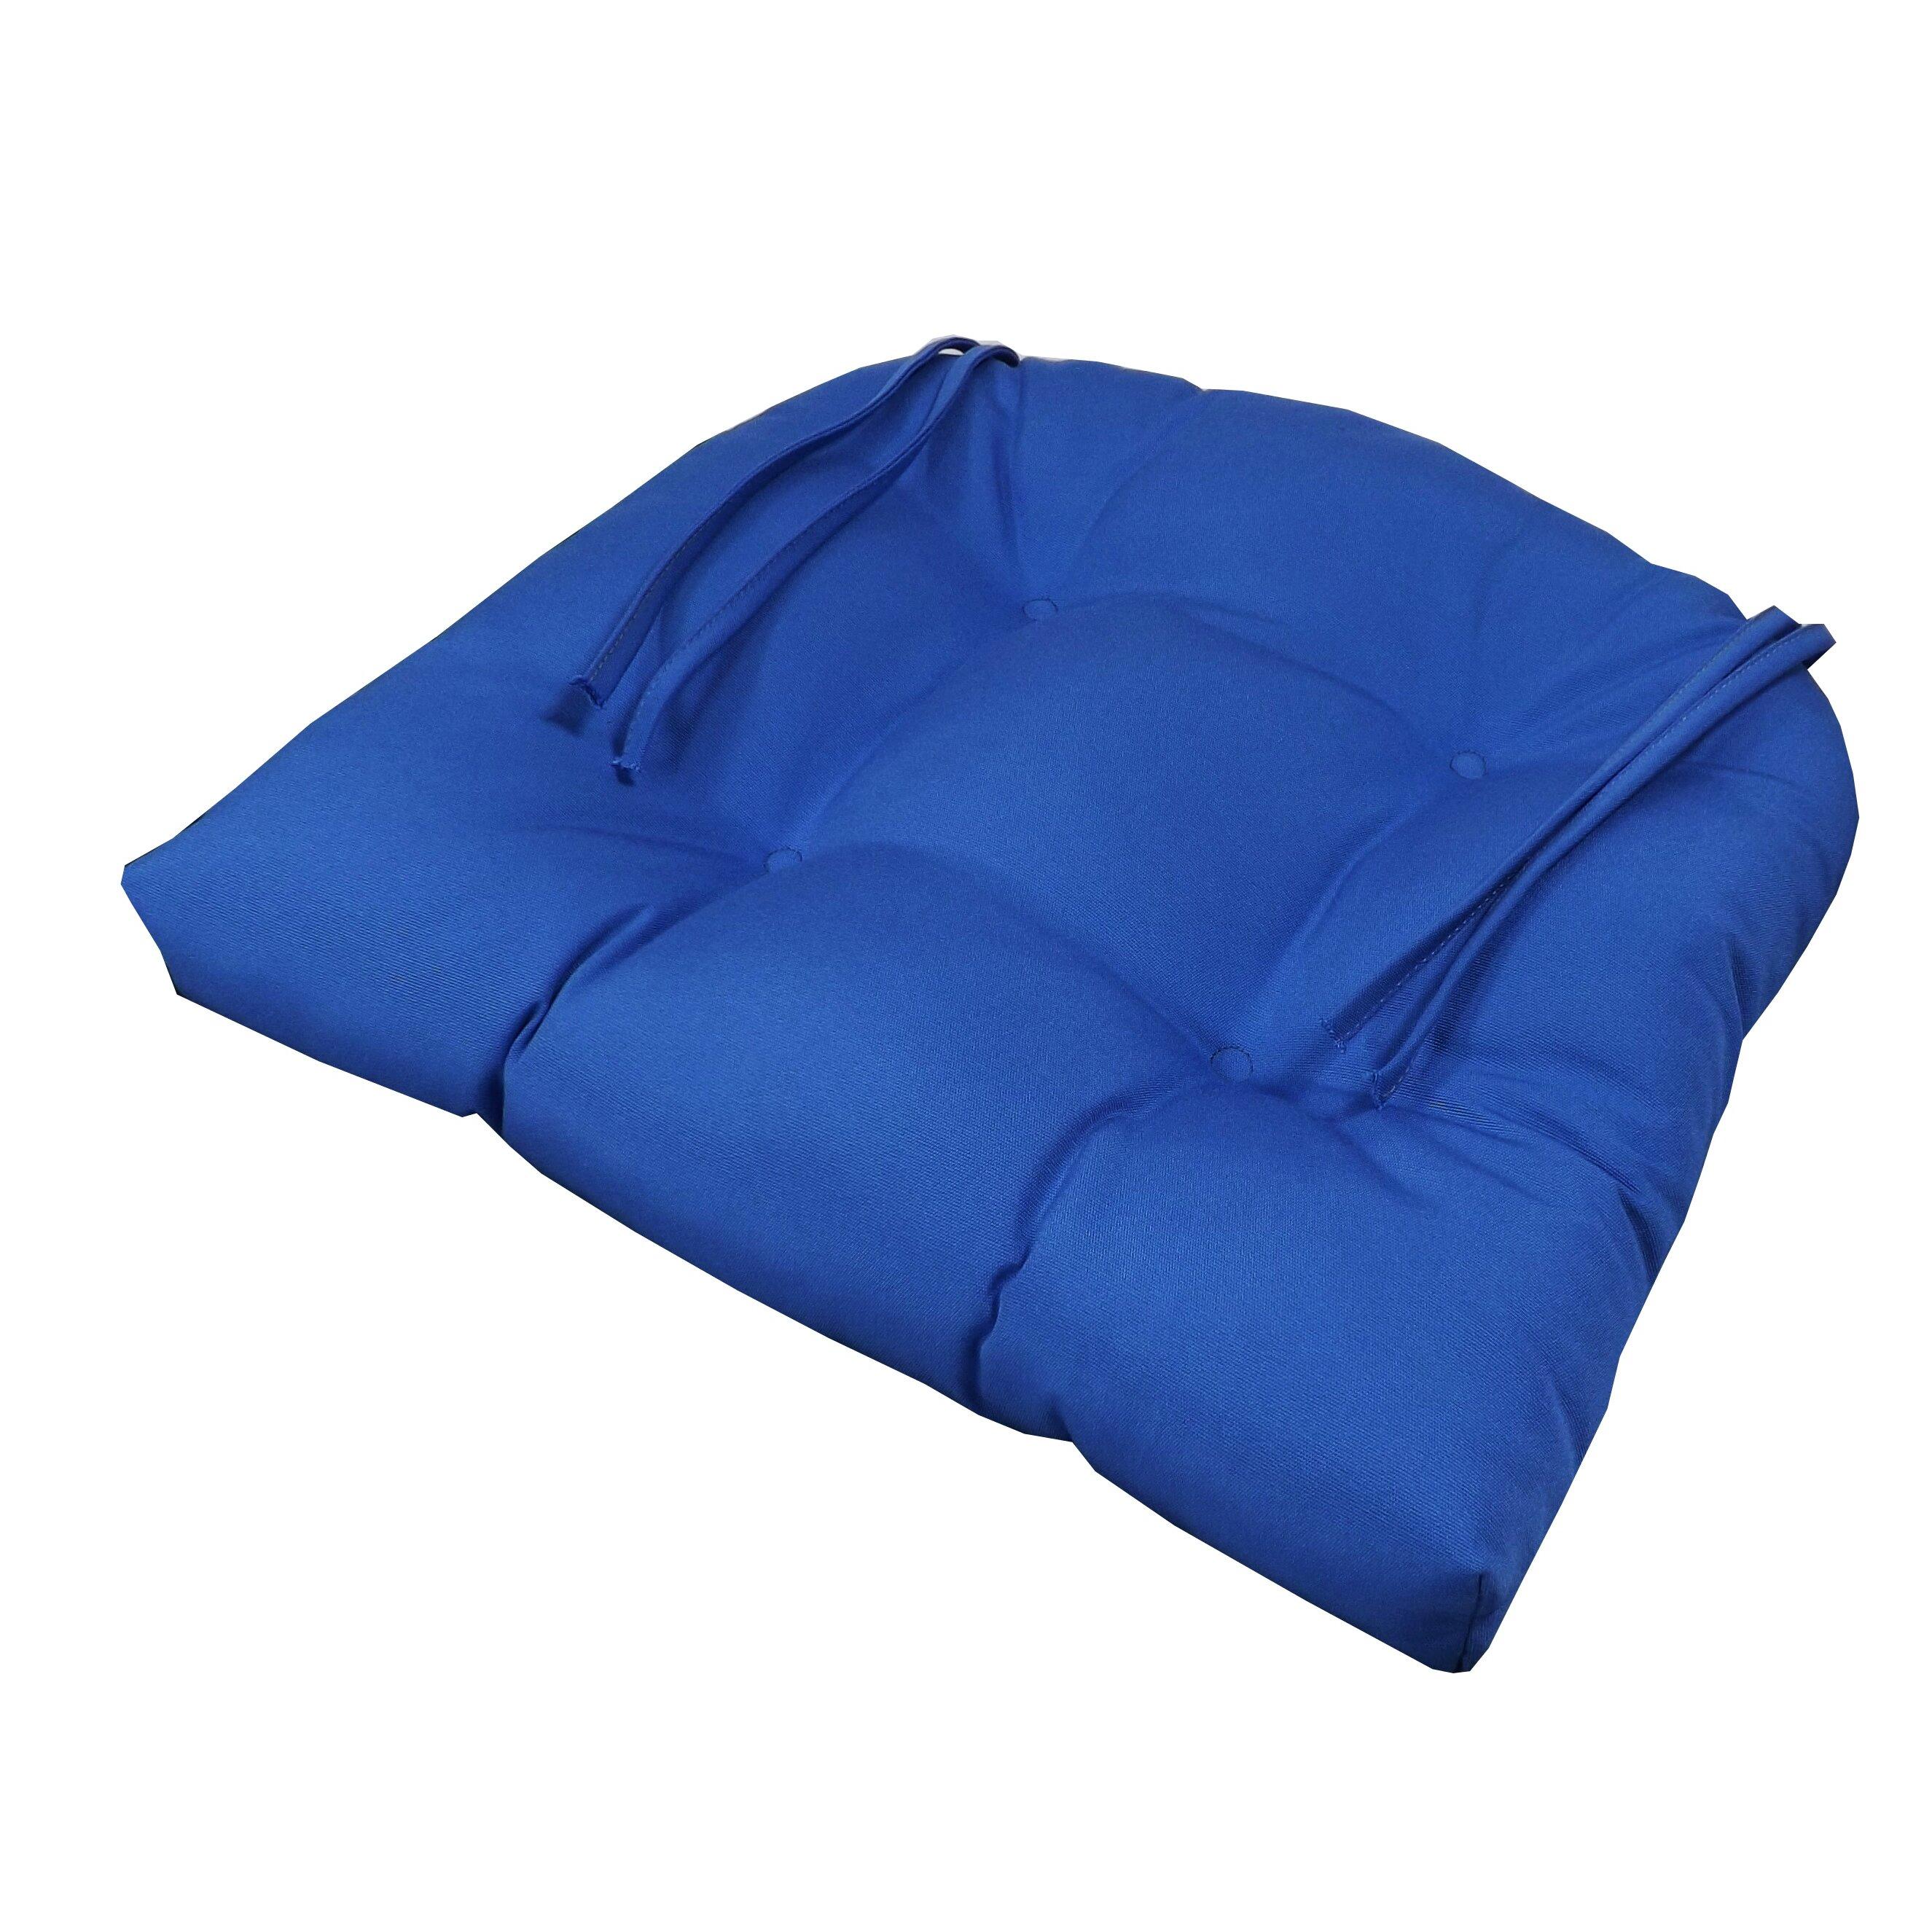 Cushion Pros Outdoor Sunbrella Chair Seat Cushion